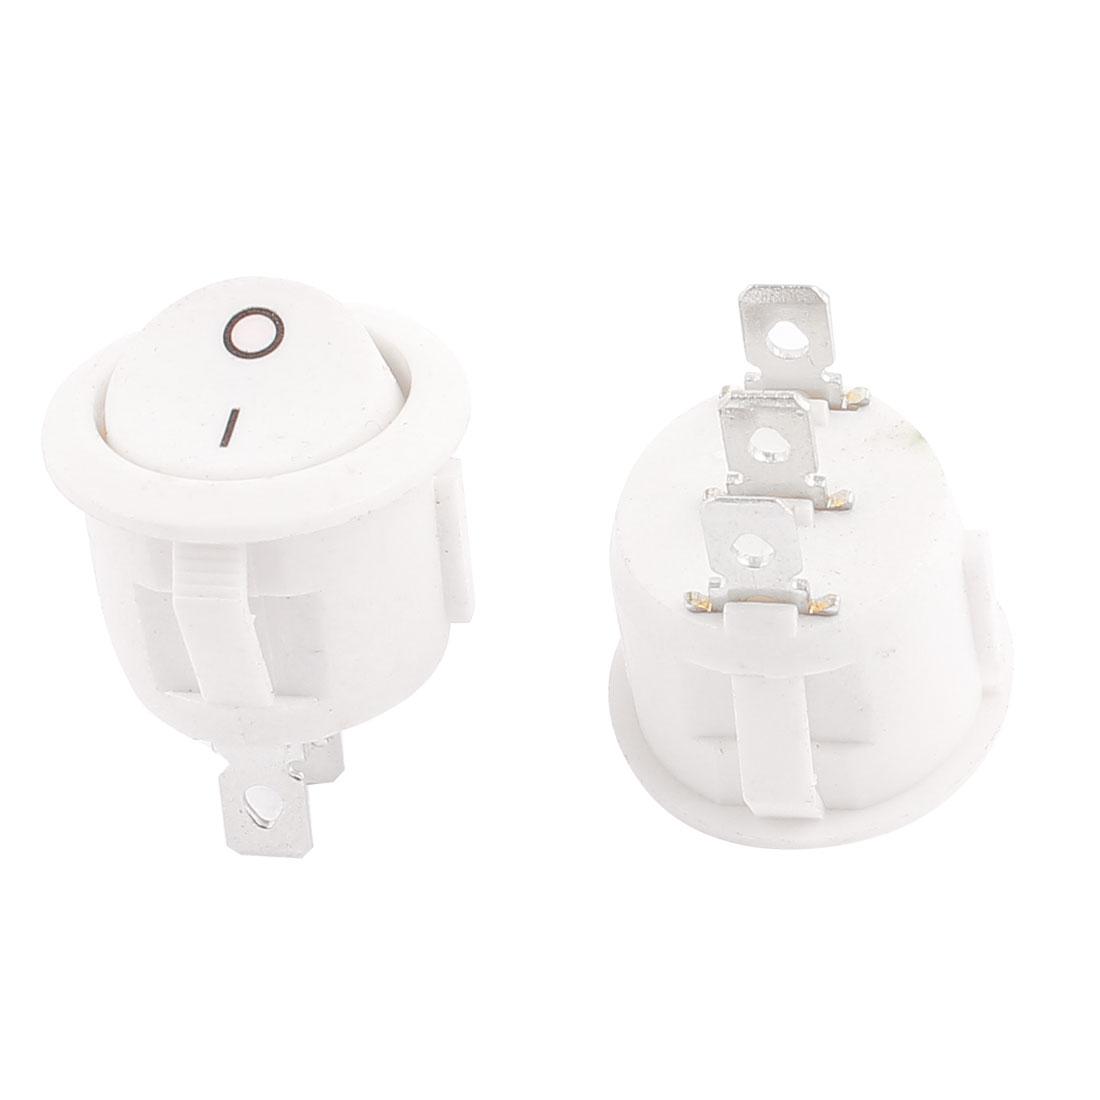 2 Pcs AC 250V/6A 125V/10A Round SPDT ON-OFF Rocker Switch KCD1-105 White